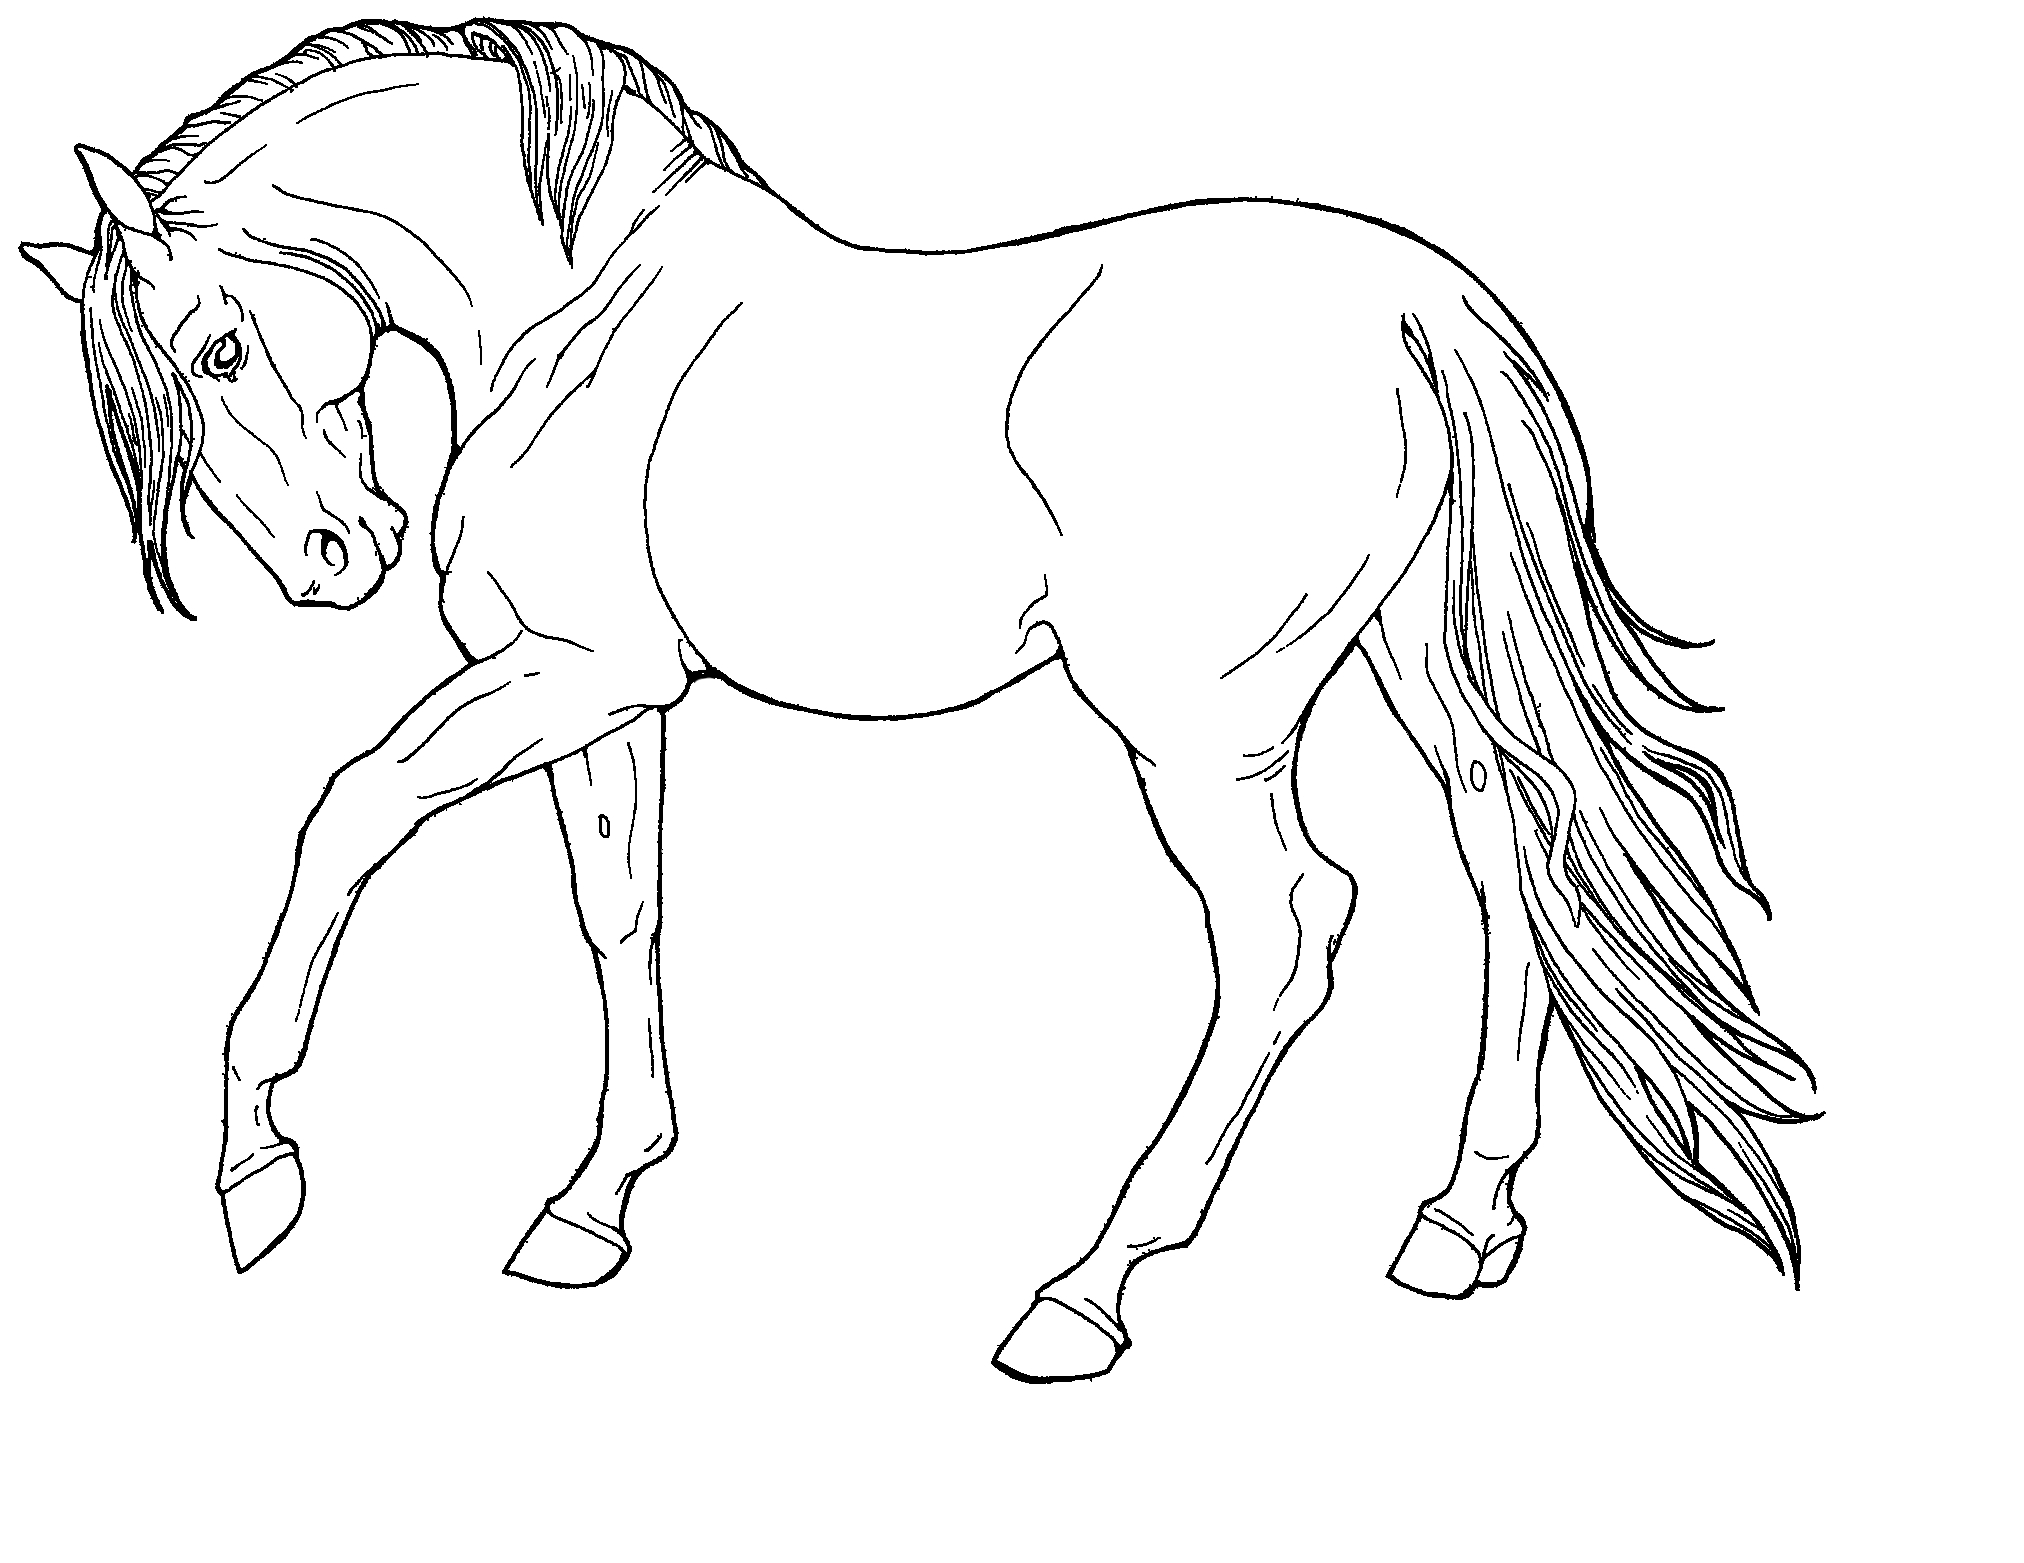 Free Line Art-Fine Horse by AppleHunter